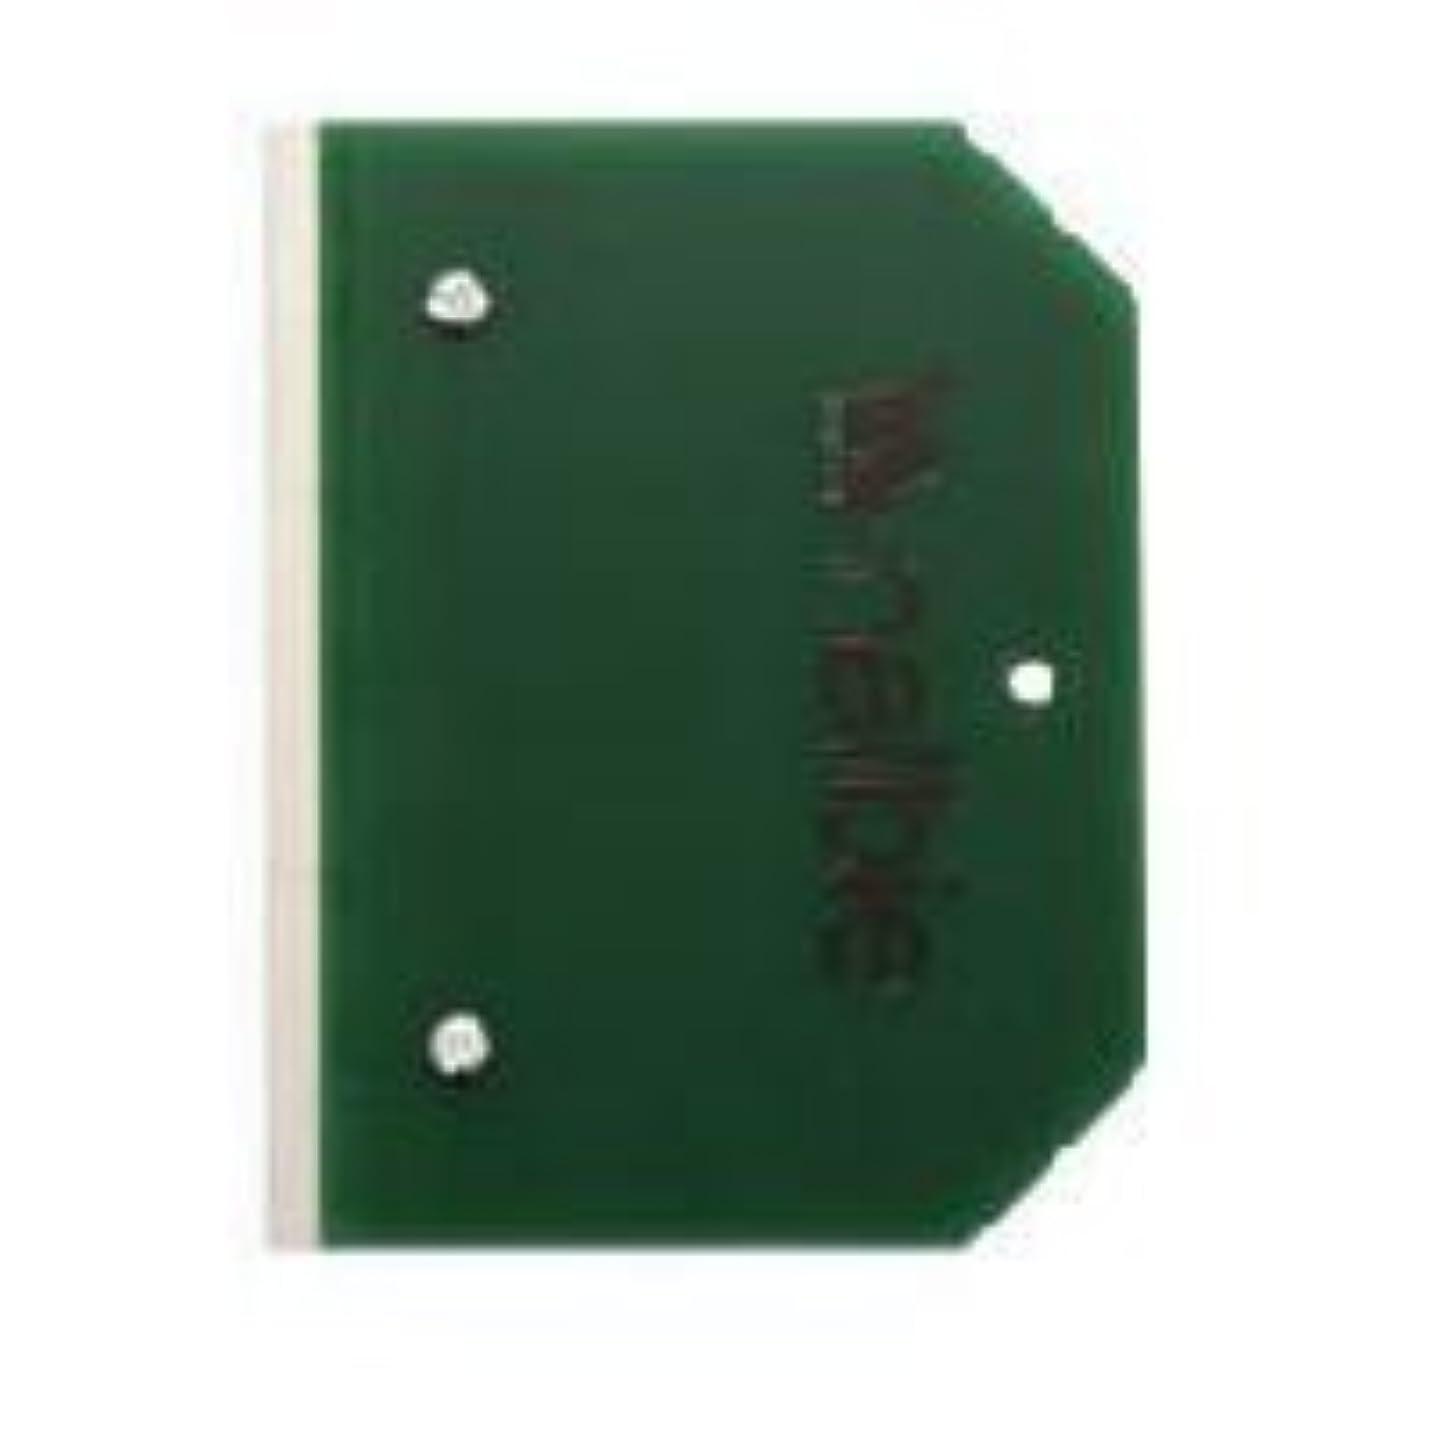 オープニングトロリーバス助言するnalbie[ナルビー] カミソリホルダー 3枚刃/セーフティキャップ付 NRB03SC